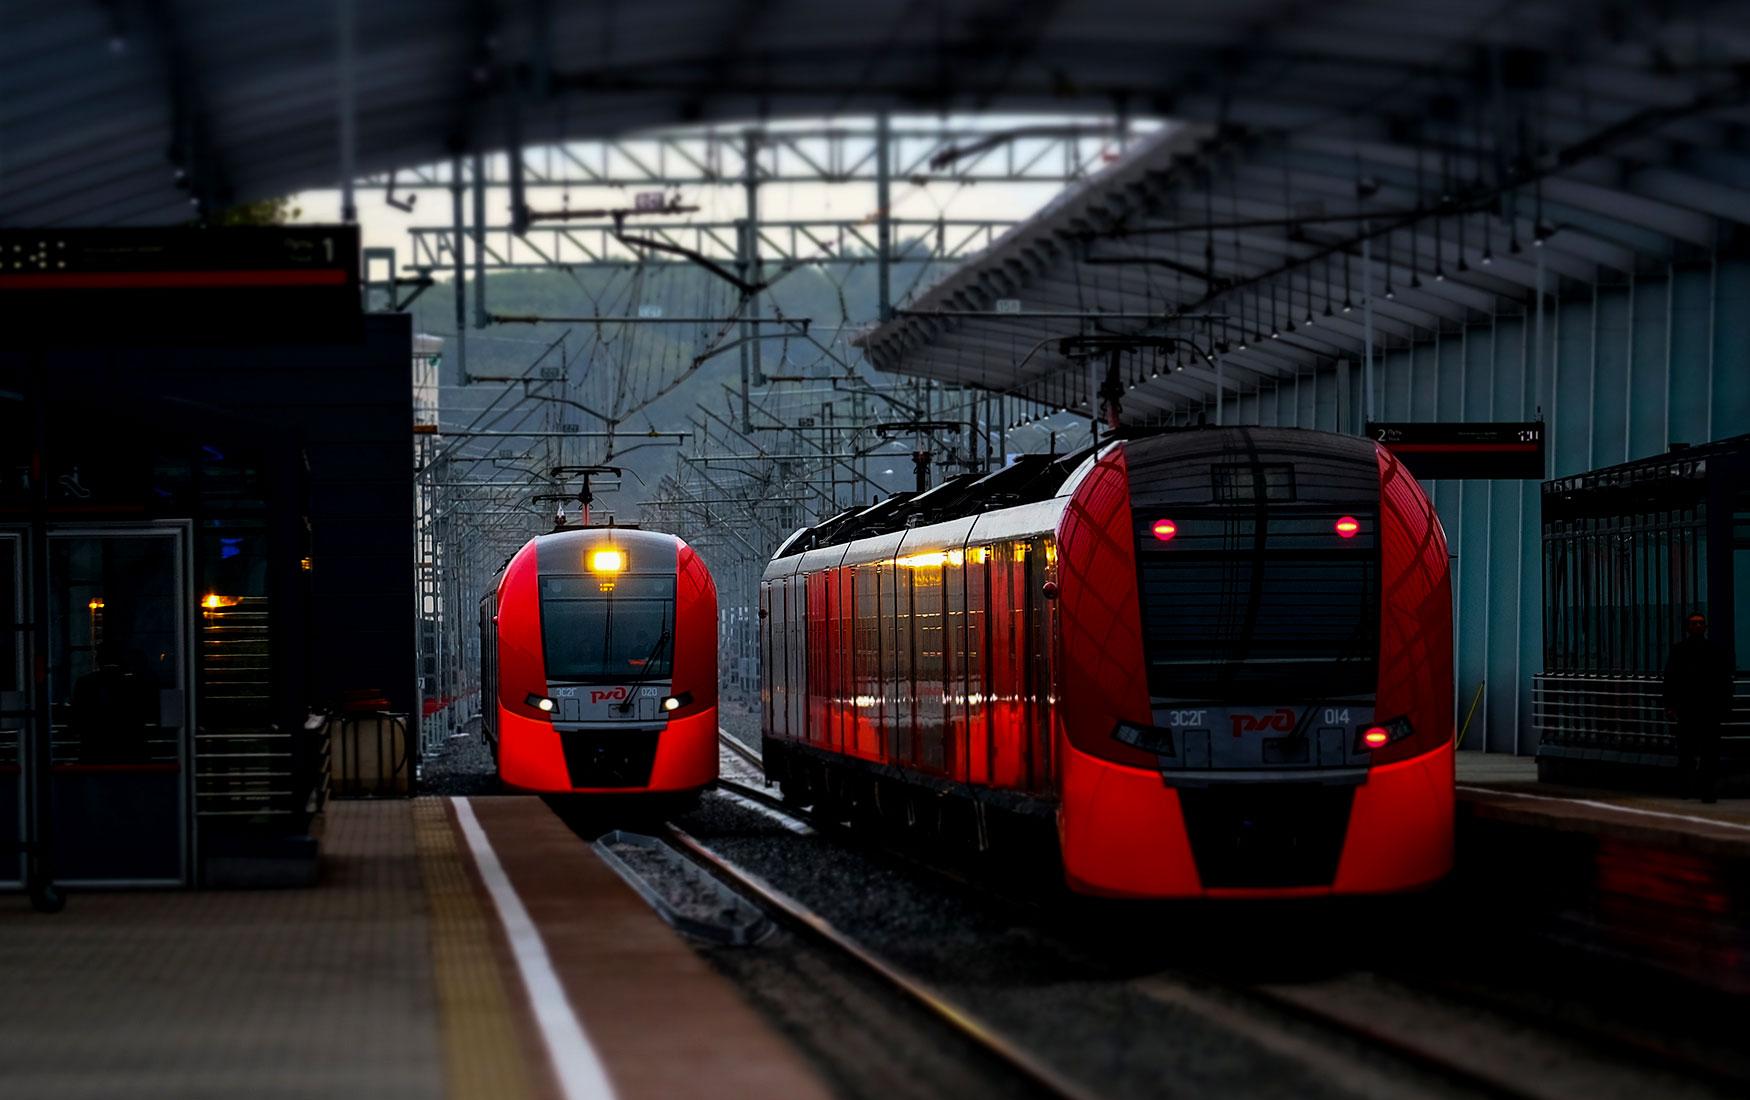 Московский экспресс. Почему столица не успевает за транспортным опытом Европы